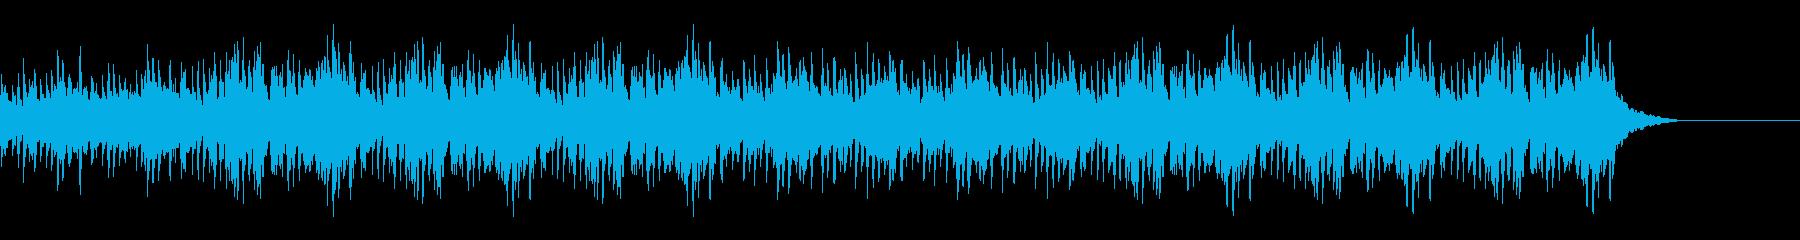 明るく朗らかな中国伝統音楽の再生済みの波形